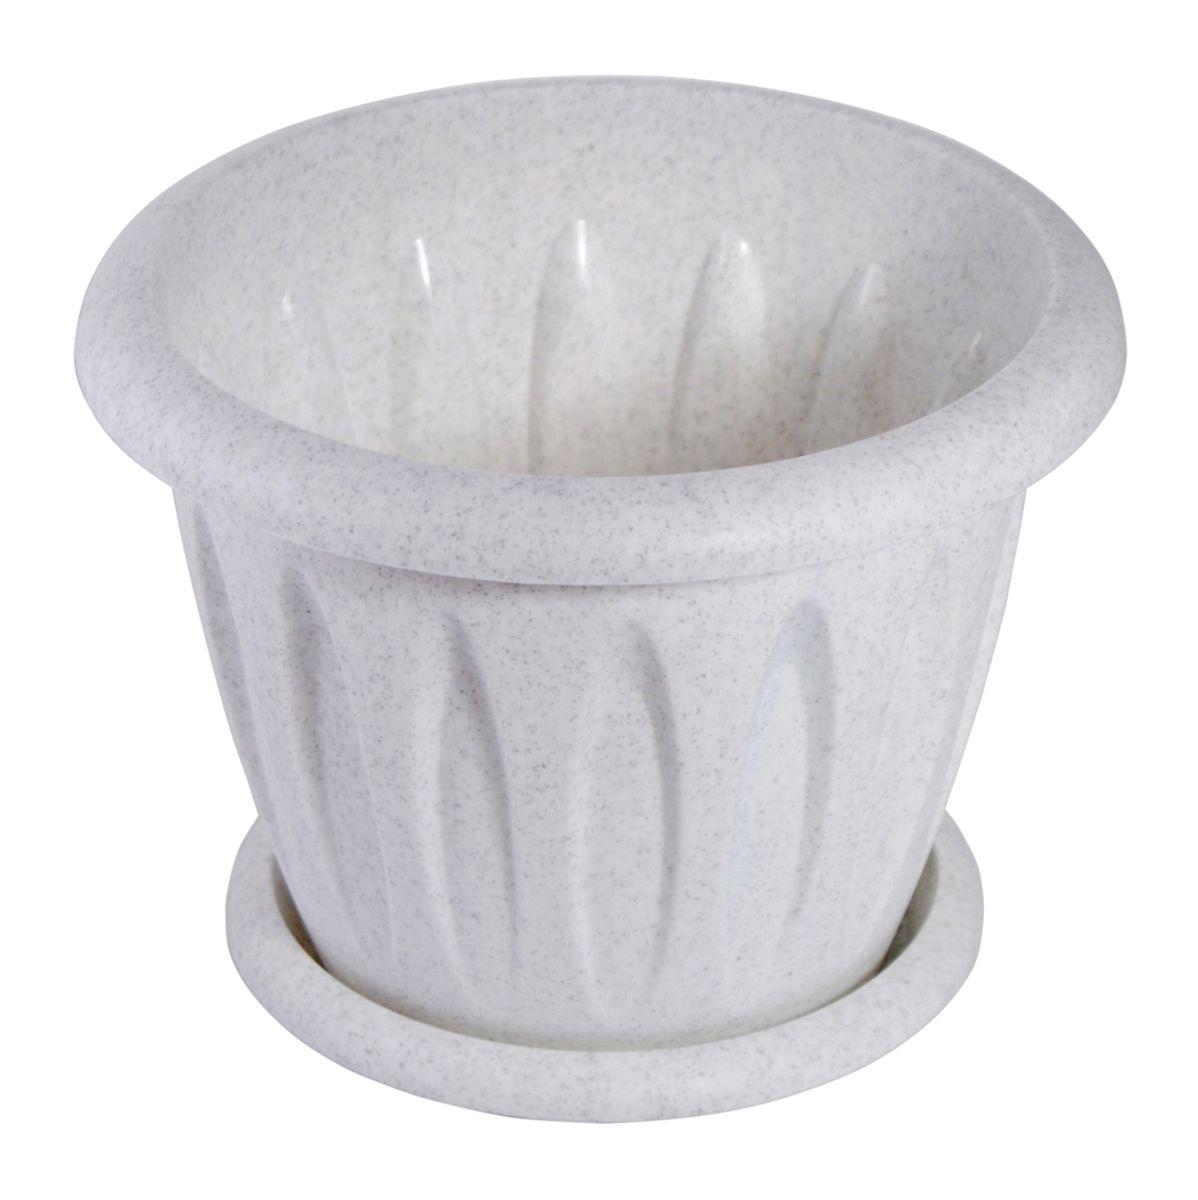 Горшок для цветов Martika Фелиция, с поддоном, цвет: мрамор, 900 мл531-101Горшок Martika Фелиция изготовлен из высококачественного пластика и оснащен поддоном для стока воды.Изделие прекрасно подойдет для выращивания растений дома и на приусадебных участках. Диаметр (по верхнему краю): 14,1 см.Высота: 10,9 см.